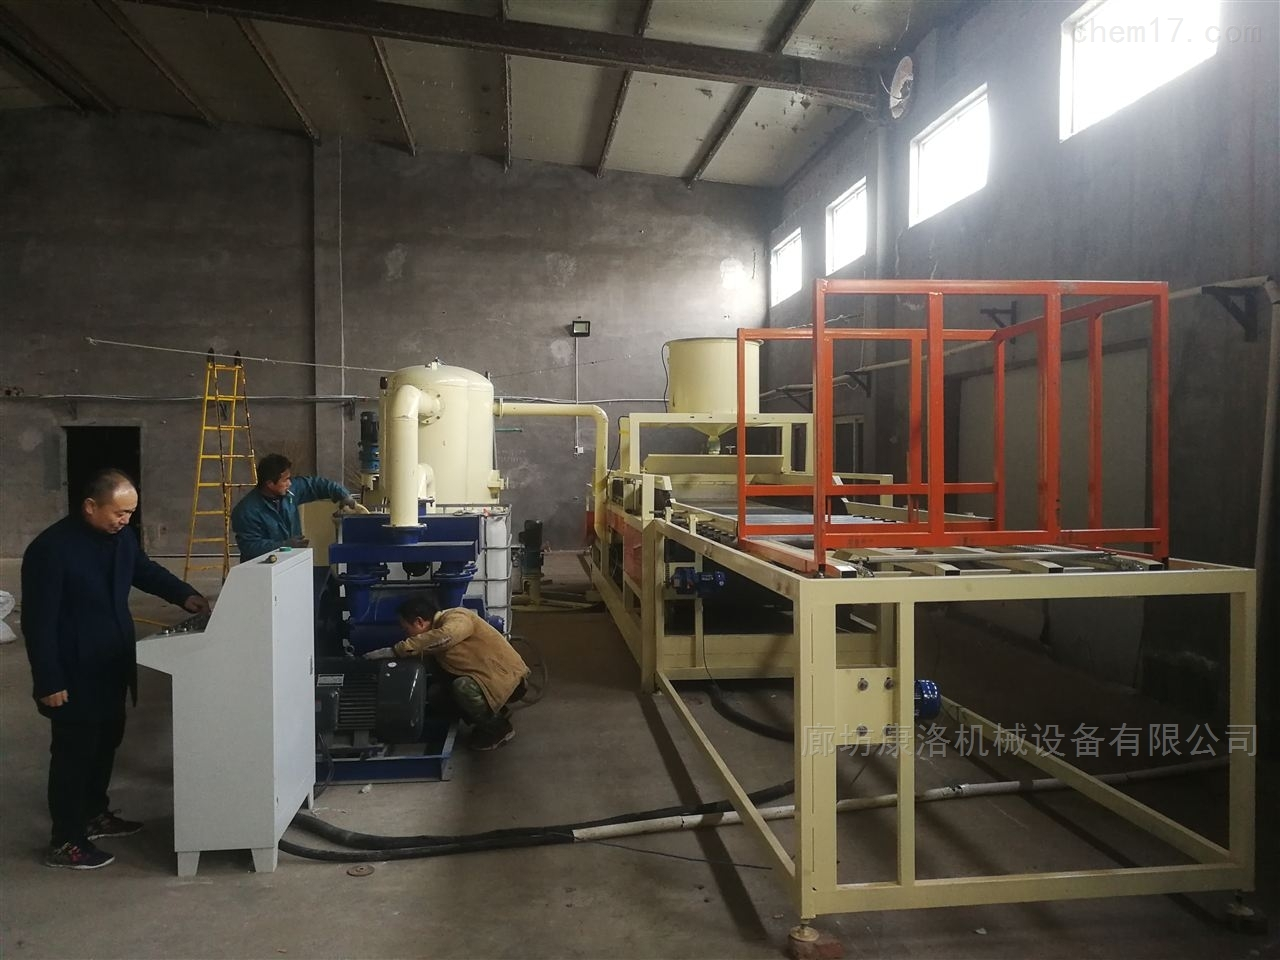 热固性硅质改性聚苯板设备制作工艺流程